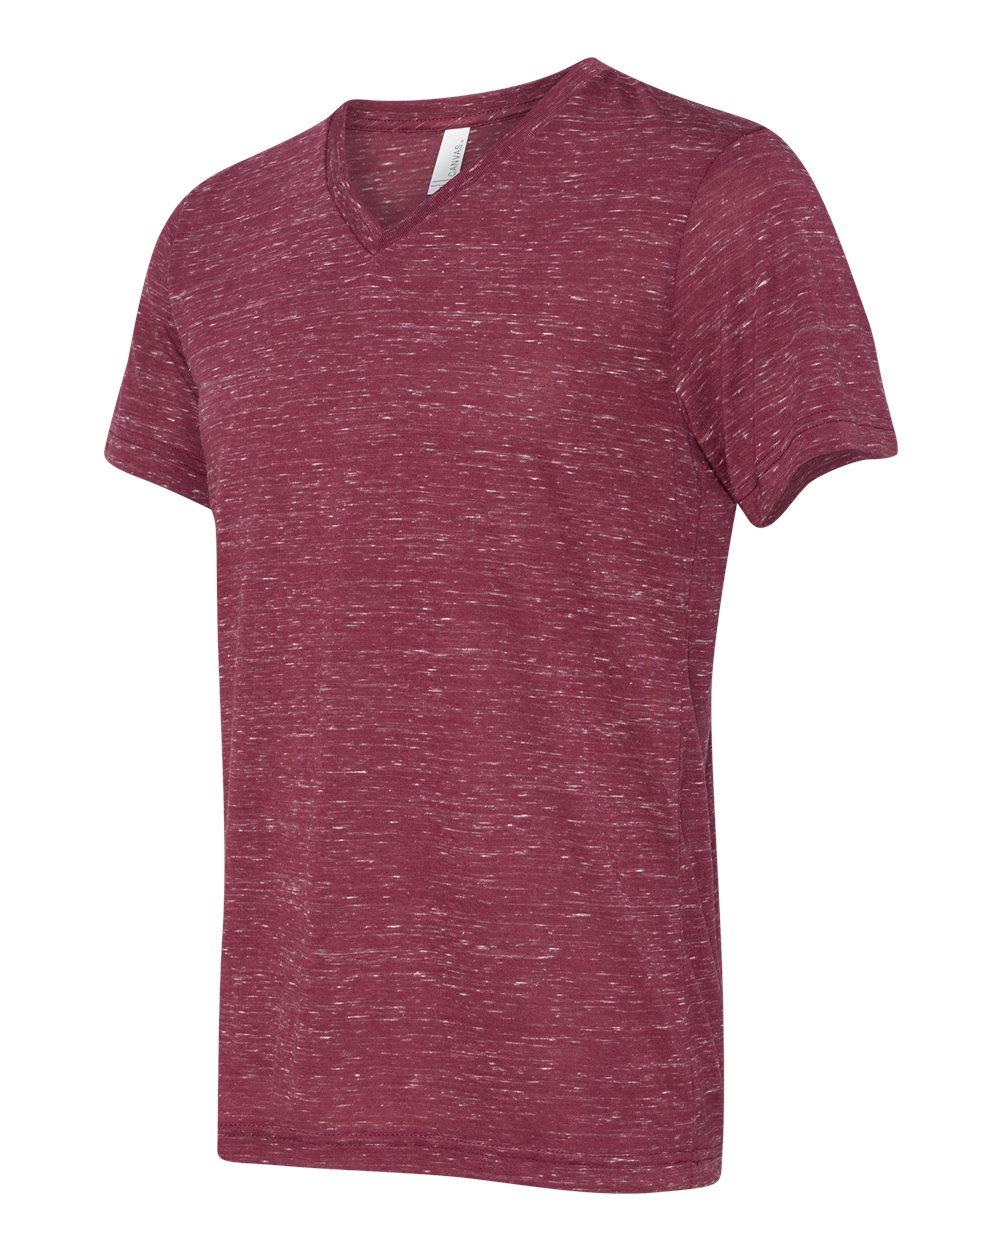 Bella-Canvas-Men-039-s-Jersey-Short-Sleeve-V-Neck-T-Shirt-3005-XS-3XL thumbnail 46